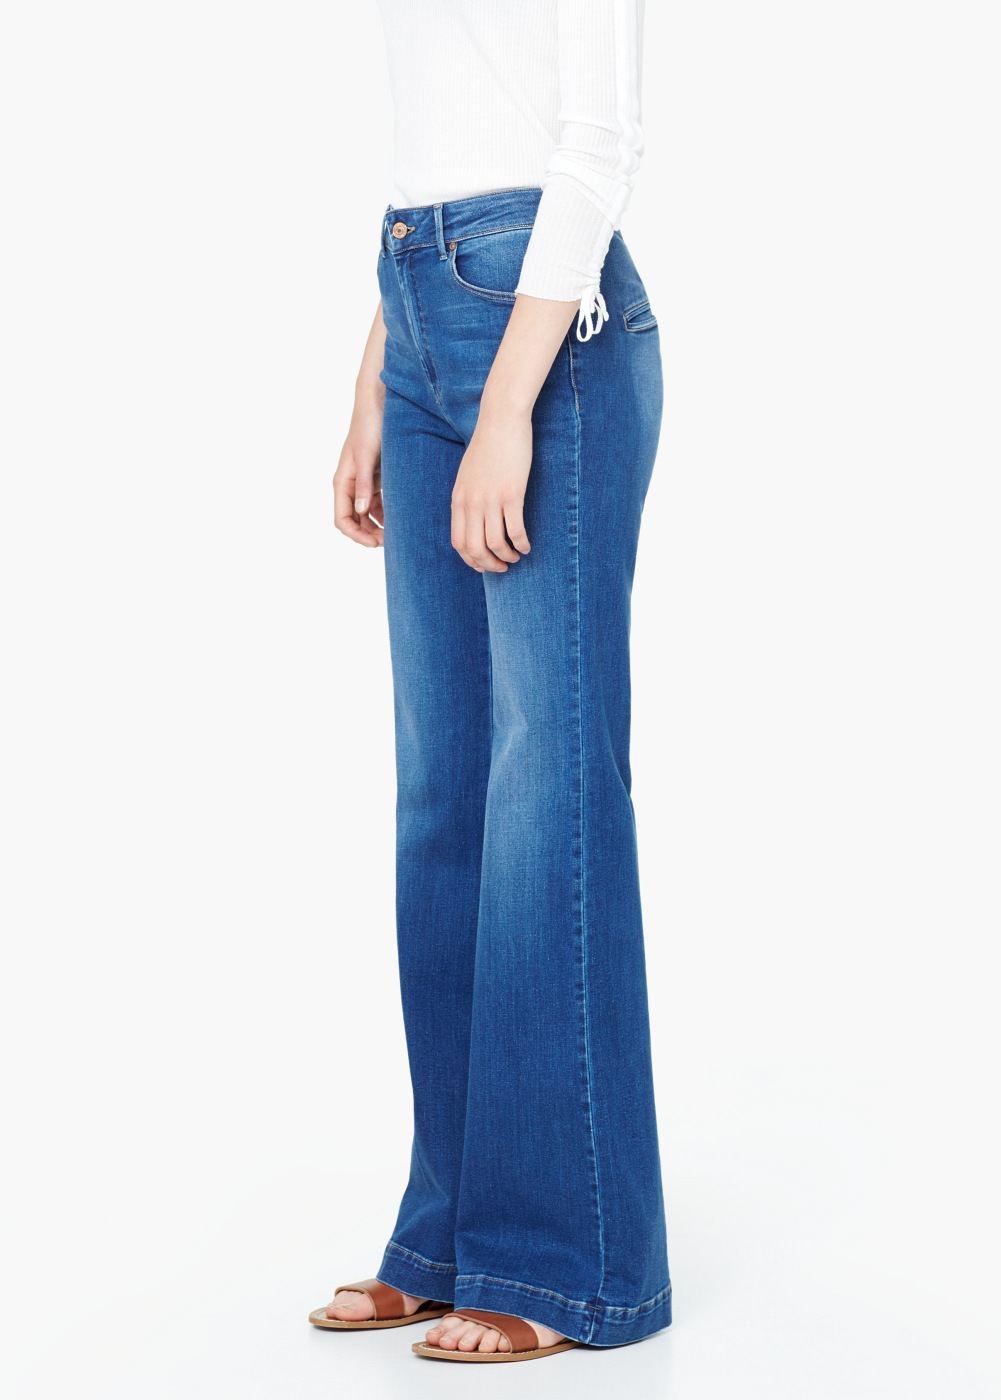 Mango - jeans (23€ au lieu de 45€)